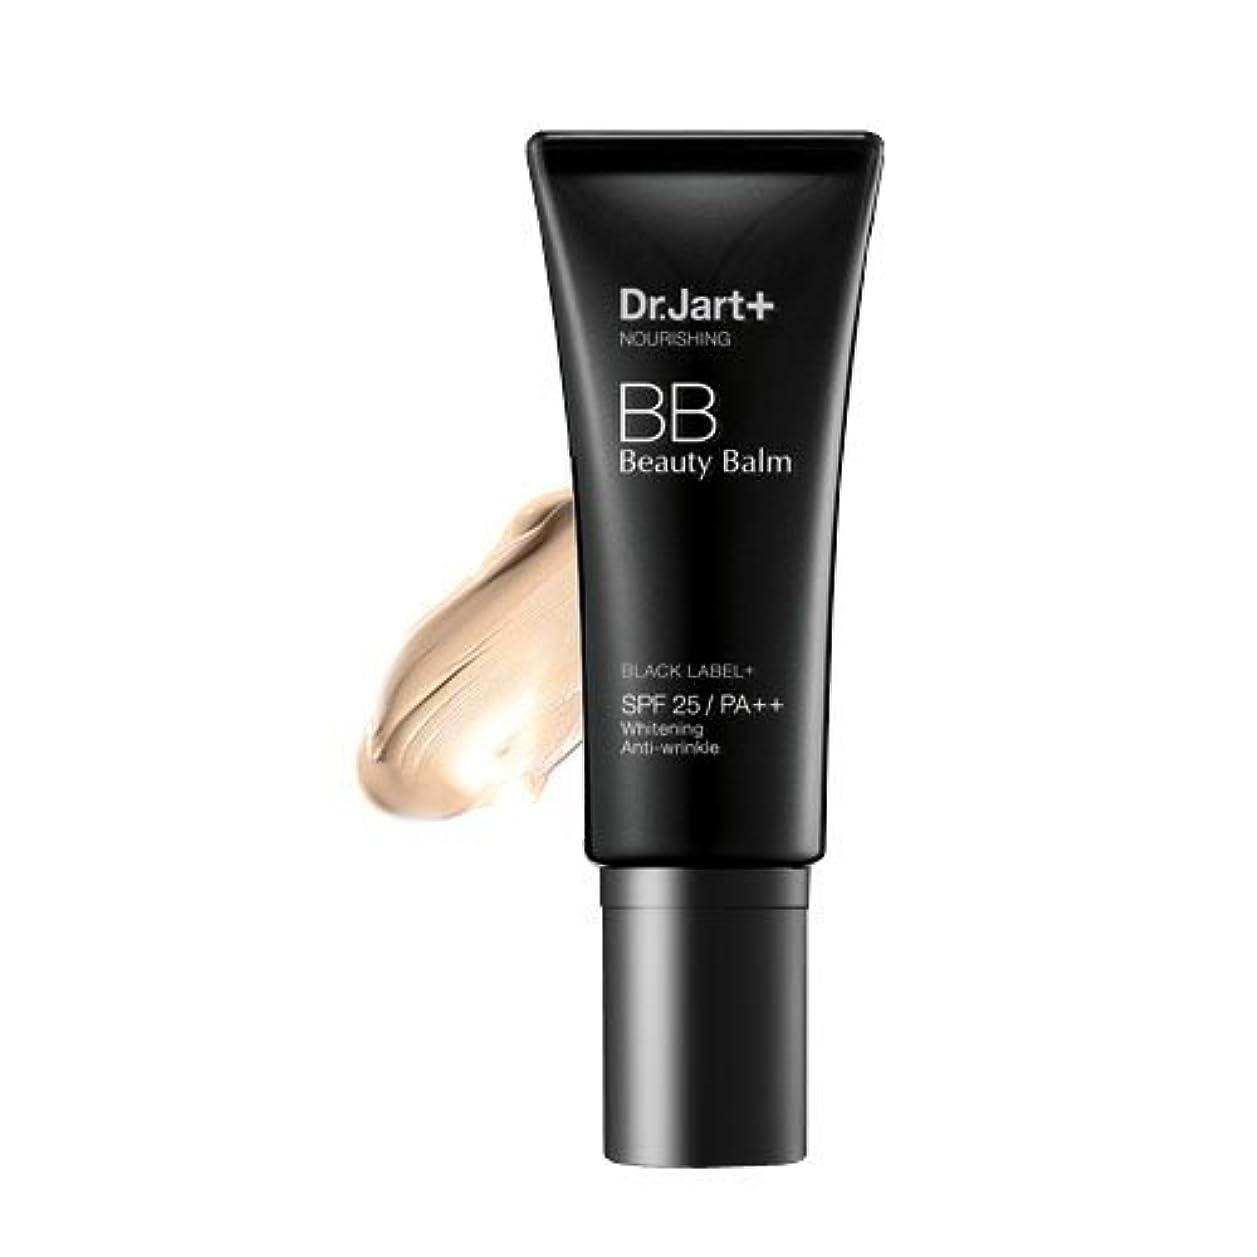 増加する作り上げる間違えたドクタージャルト ブラックラベル プラス BBクリーム SPF25PA+++ 40ml Dr.Jart NOURISHING BB Beauty Balm...